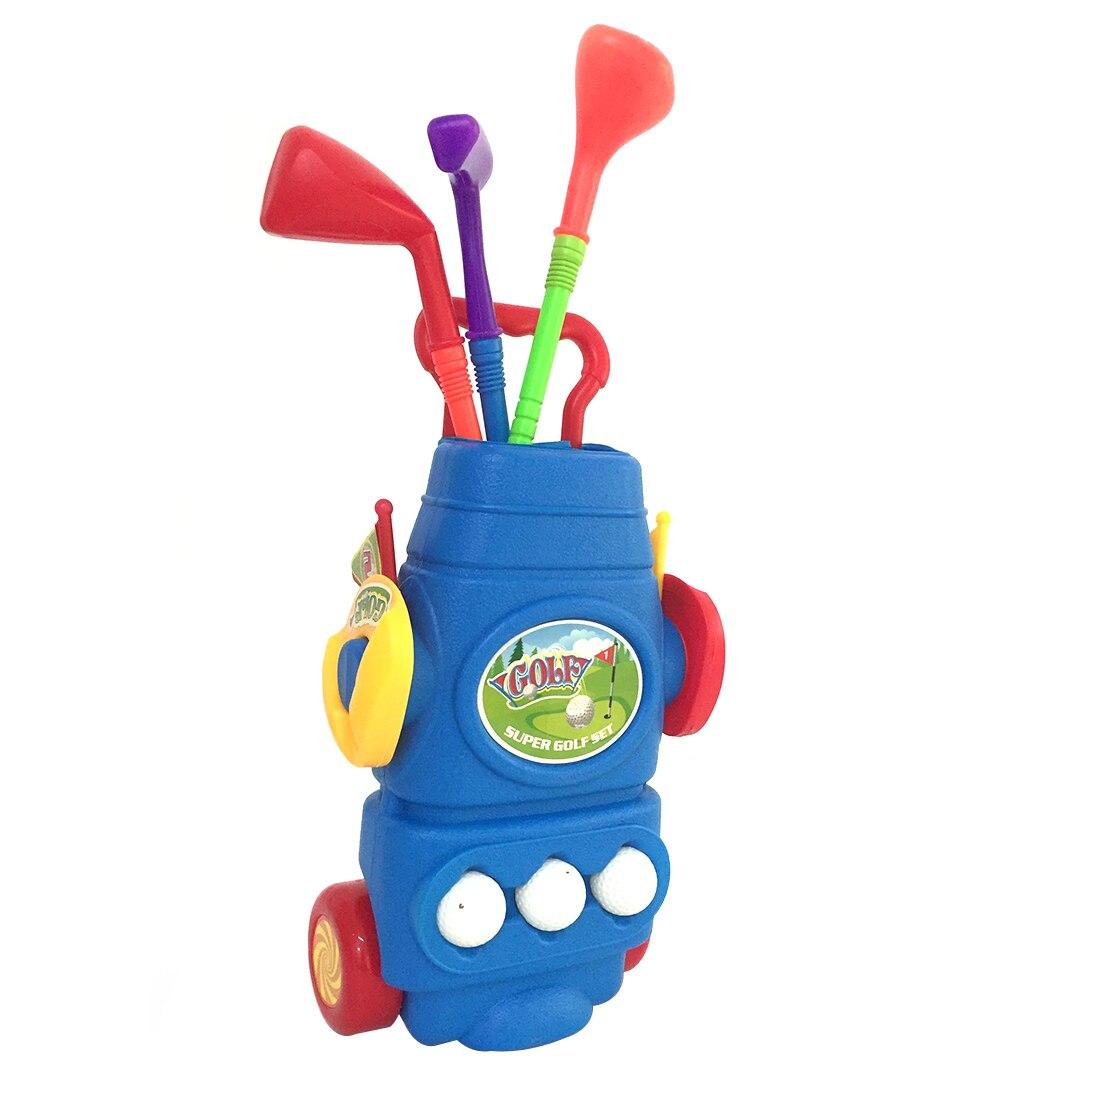 11 шт. Подарочная коробка Упакованные детей Пластик Гольф спортивные игрушка набор детей Гольф игры игрушки с 3 Клубы 2 отверстия 3 мяча и 2 фла...